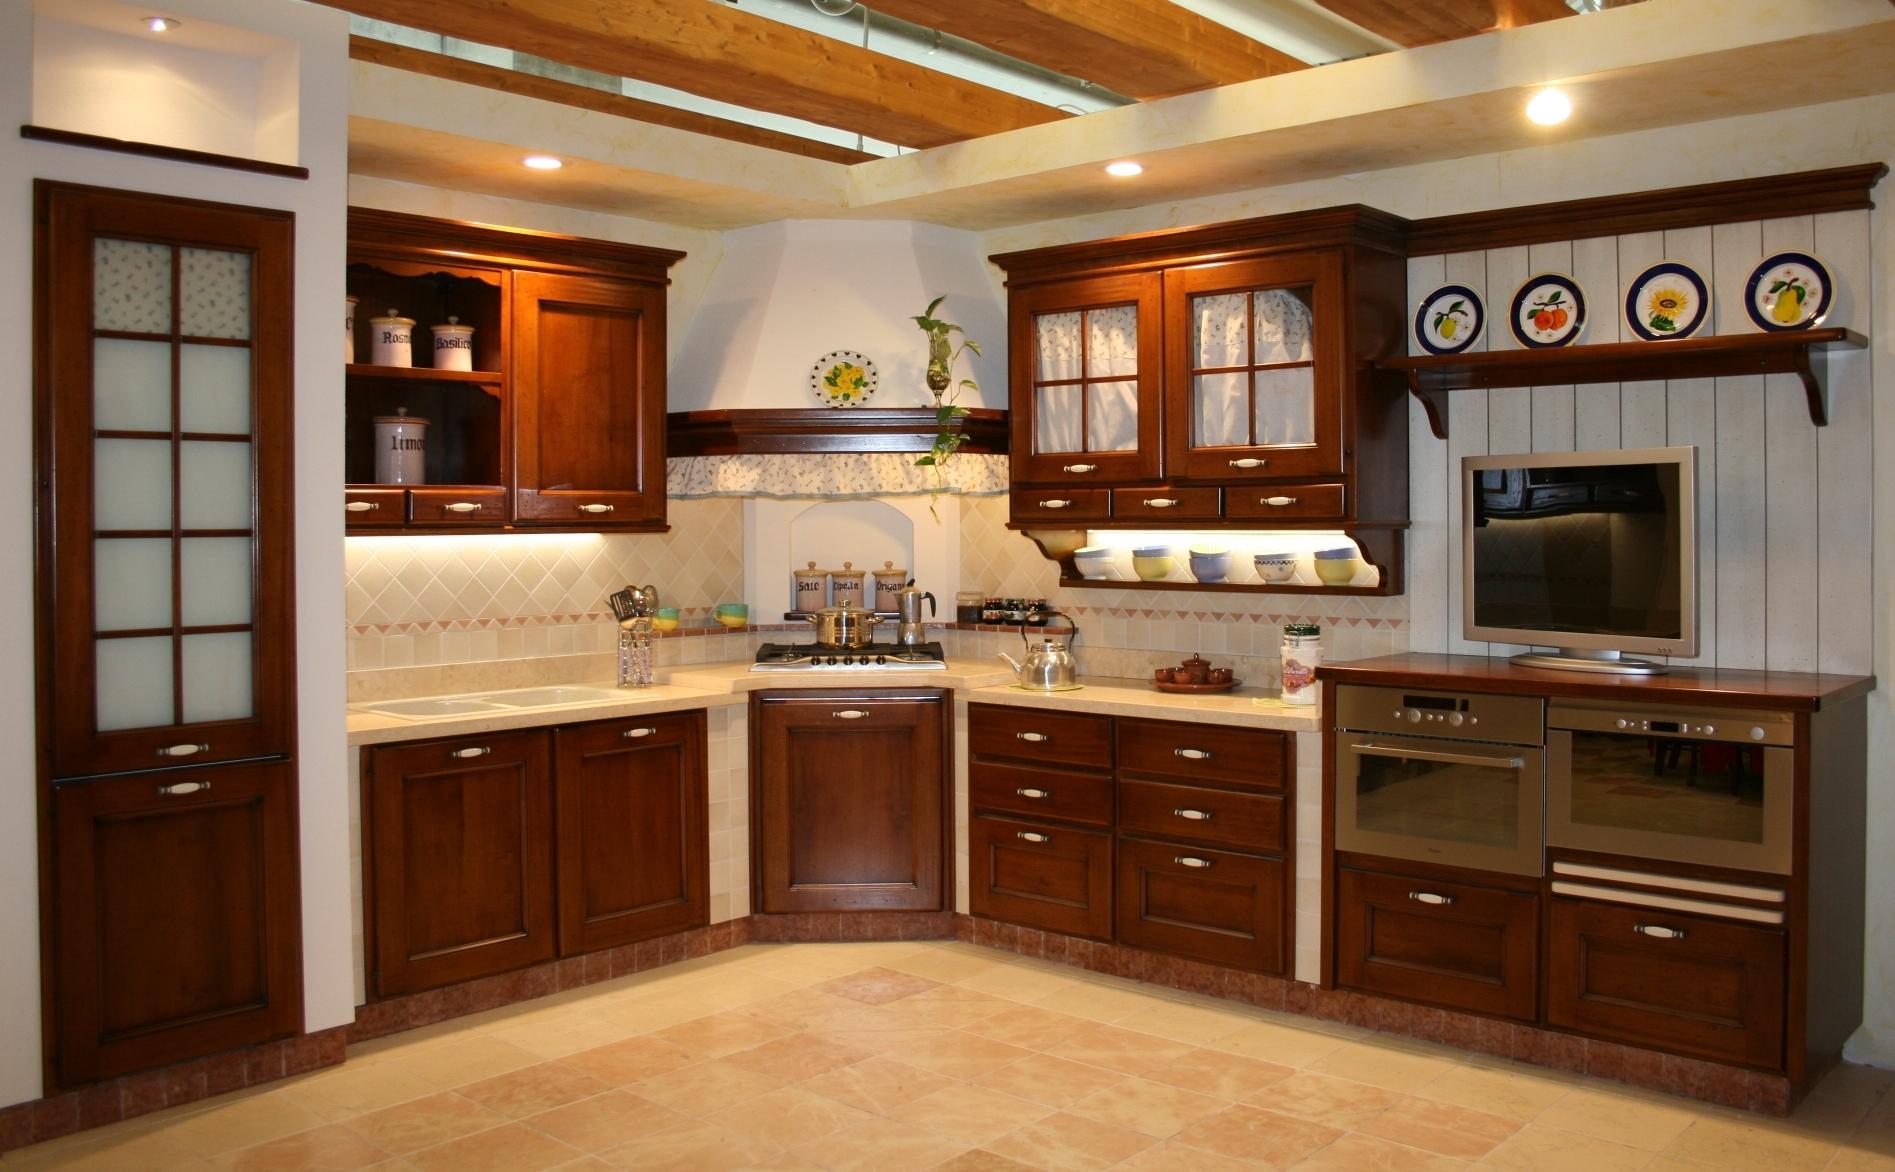 Cucine in muratura rustiche prezzi cucine muratura prezzi - Parete attrezzata in muratura ...